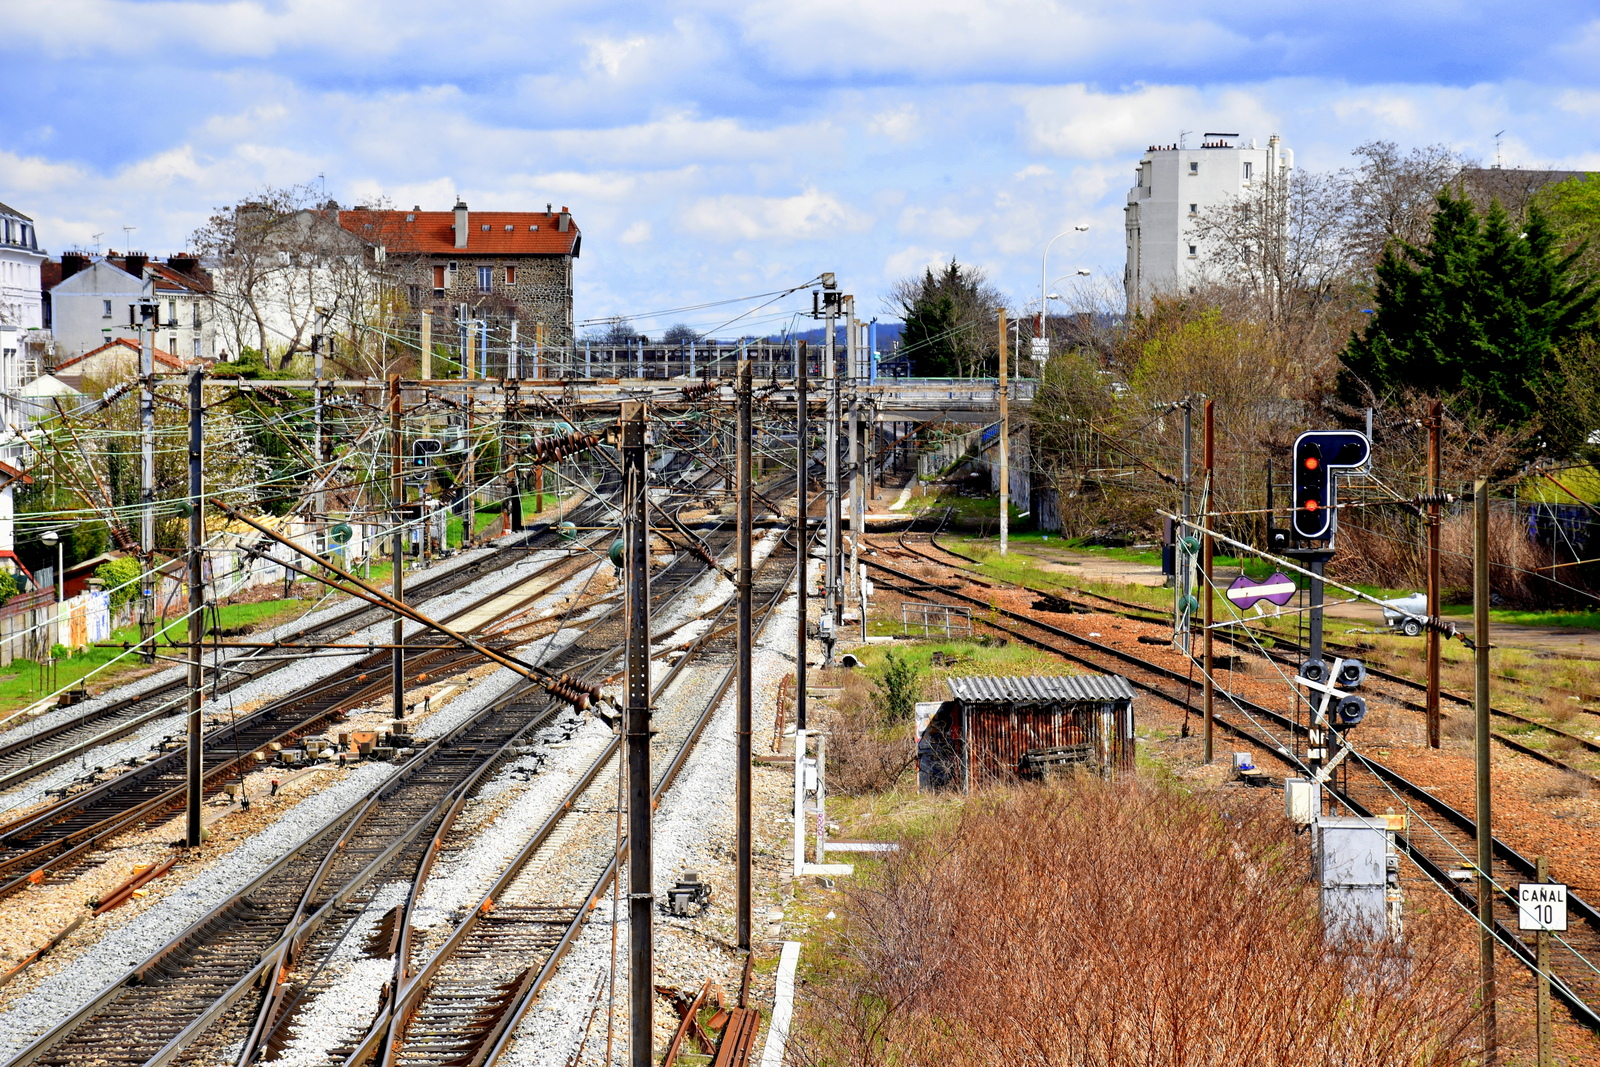 Impression sur voies ferrées - Photo - Constant JOSSE